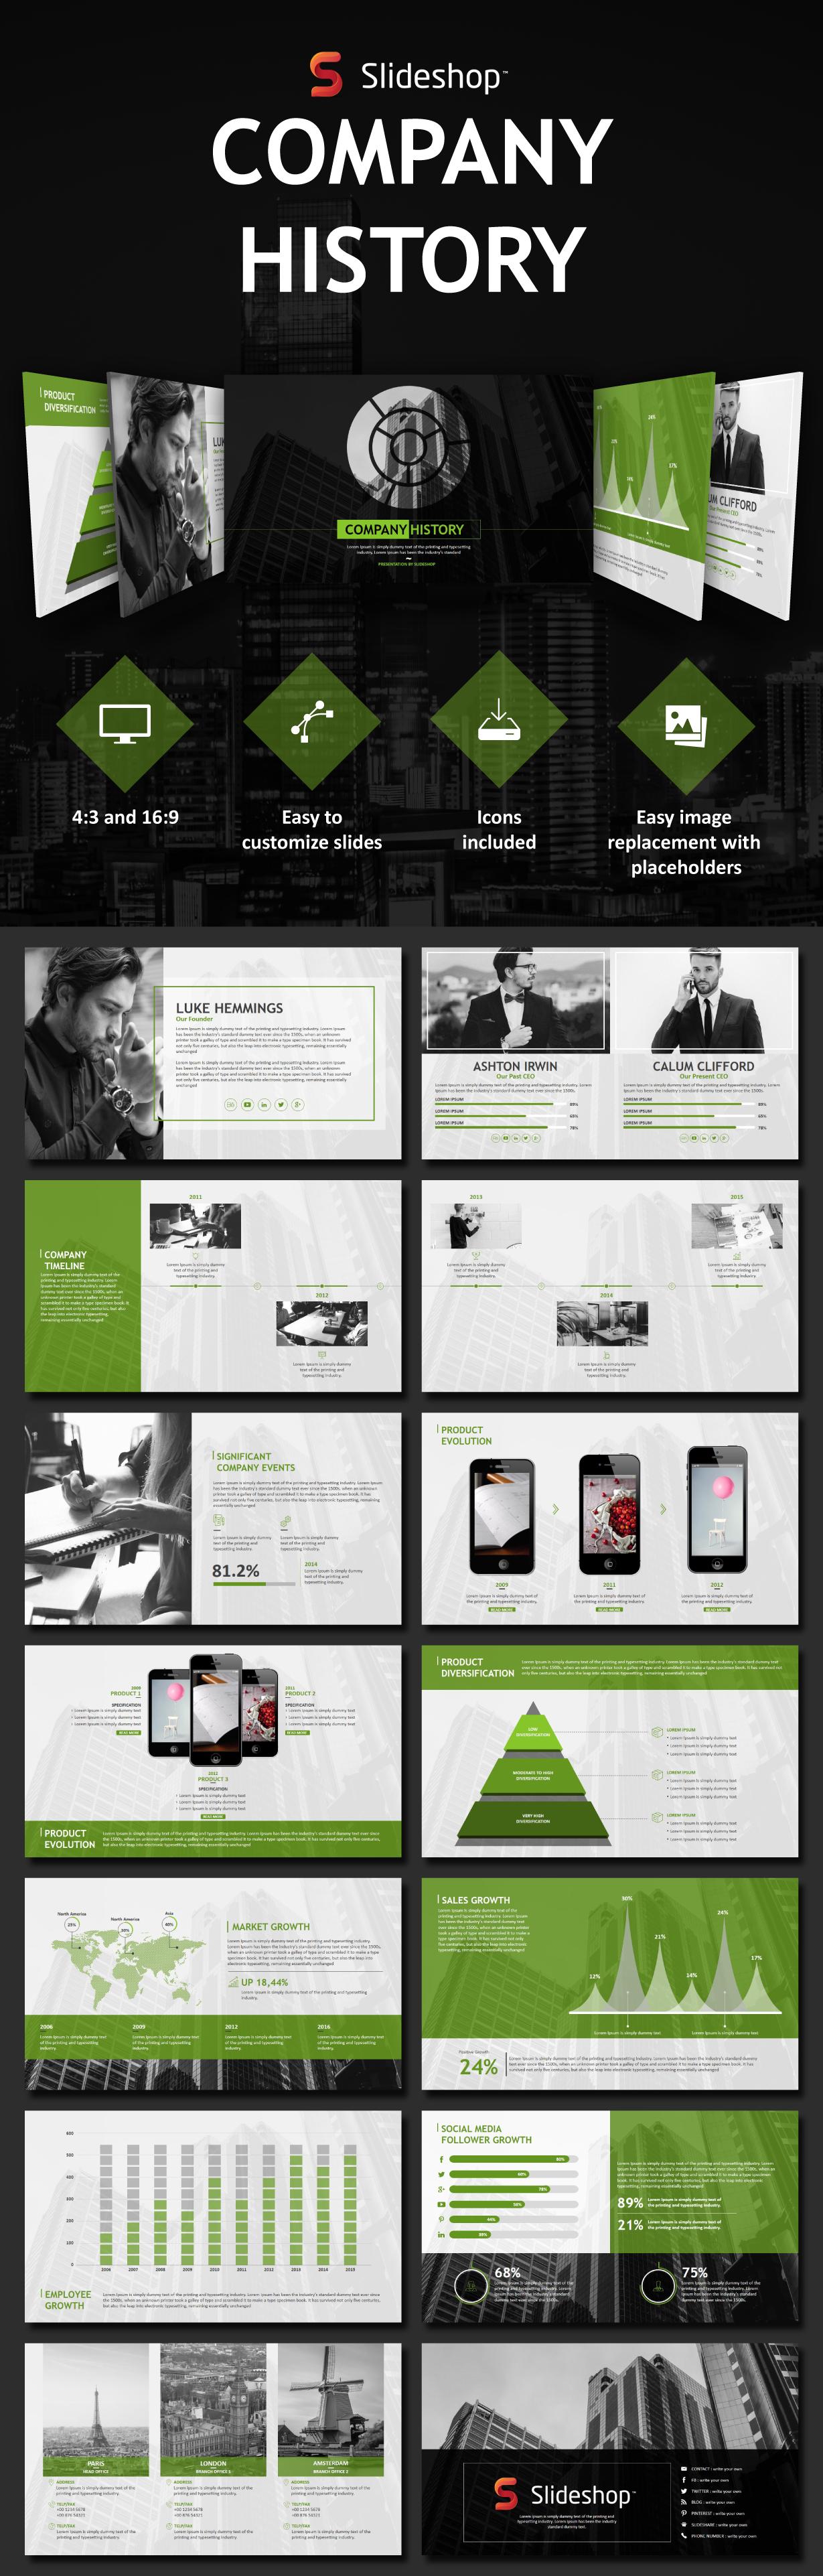 Company history PowerPoint templates #presentation # ...